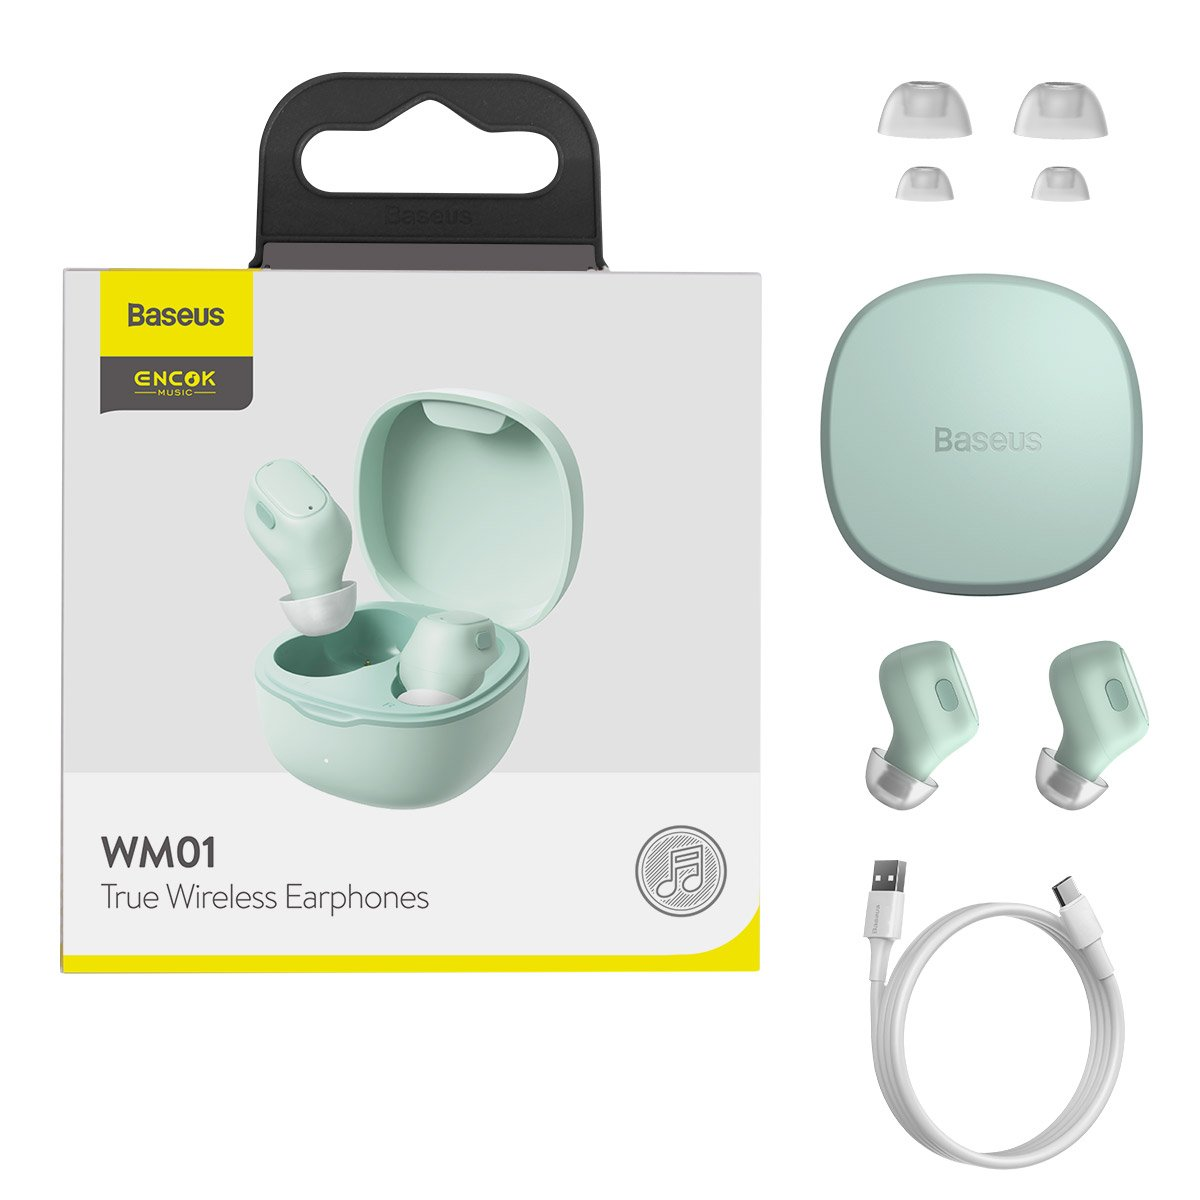 Baseus Encok WM01 TWS Bezdrôtové slúchadlá do uší Bluetooth 5.0 Green